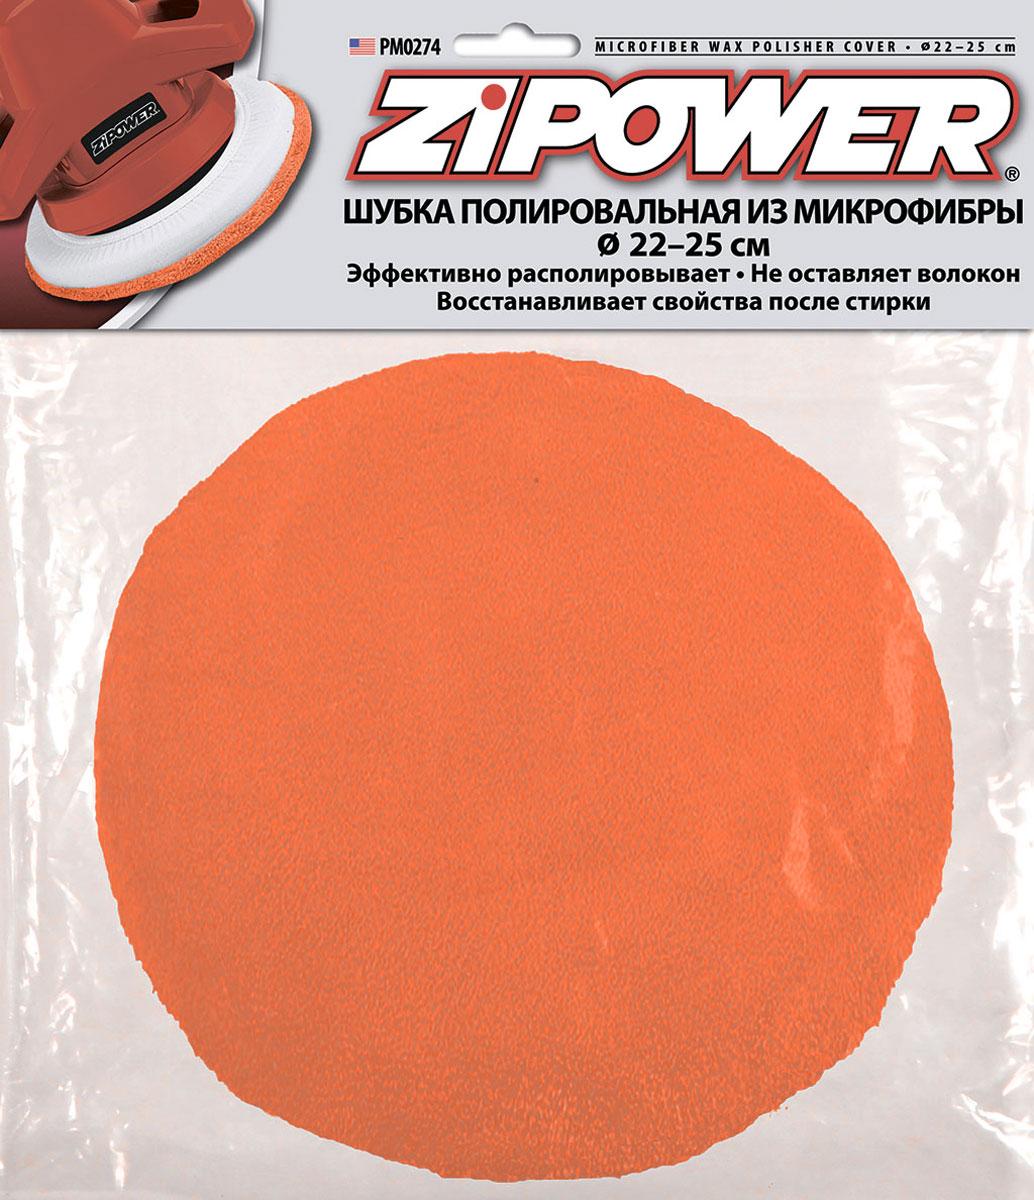 Шубка полировальная Zipower, из микрофибры, диаметр 22-25 смAB-V-01Уникальная сверхмягкая, устойчивая к истиранию шубка Zipower из синтетических микроволокон предназначена для нанесения и обработки полиролями лакокрасочного покрытия автомобиля с помощью полировальной машины. Идеальный вариант для выполнения работ качественно, быстро и без особых усилий. Шубка позволяет эффективно располировать состав на поверхности. За счет структурымикроволокна изделие отличается прочностью и долговечностью. После стирки она полностью восстанавливает свои свойства и внешний вид. Не оставляет волокон.Диаметр шубки: 22-25 см.